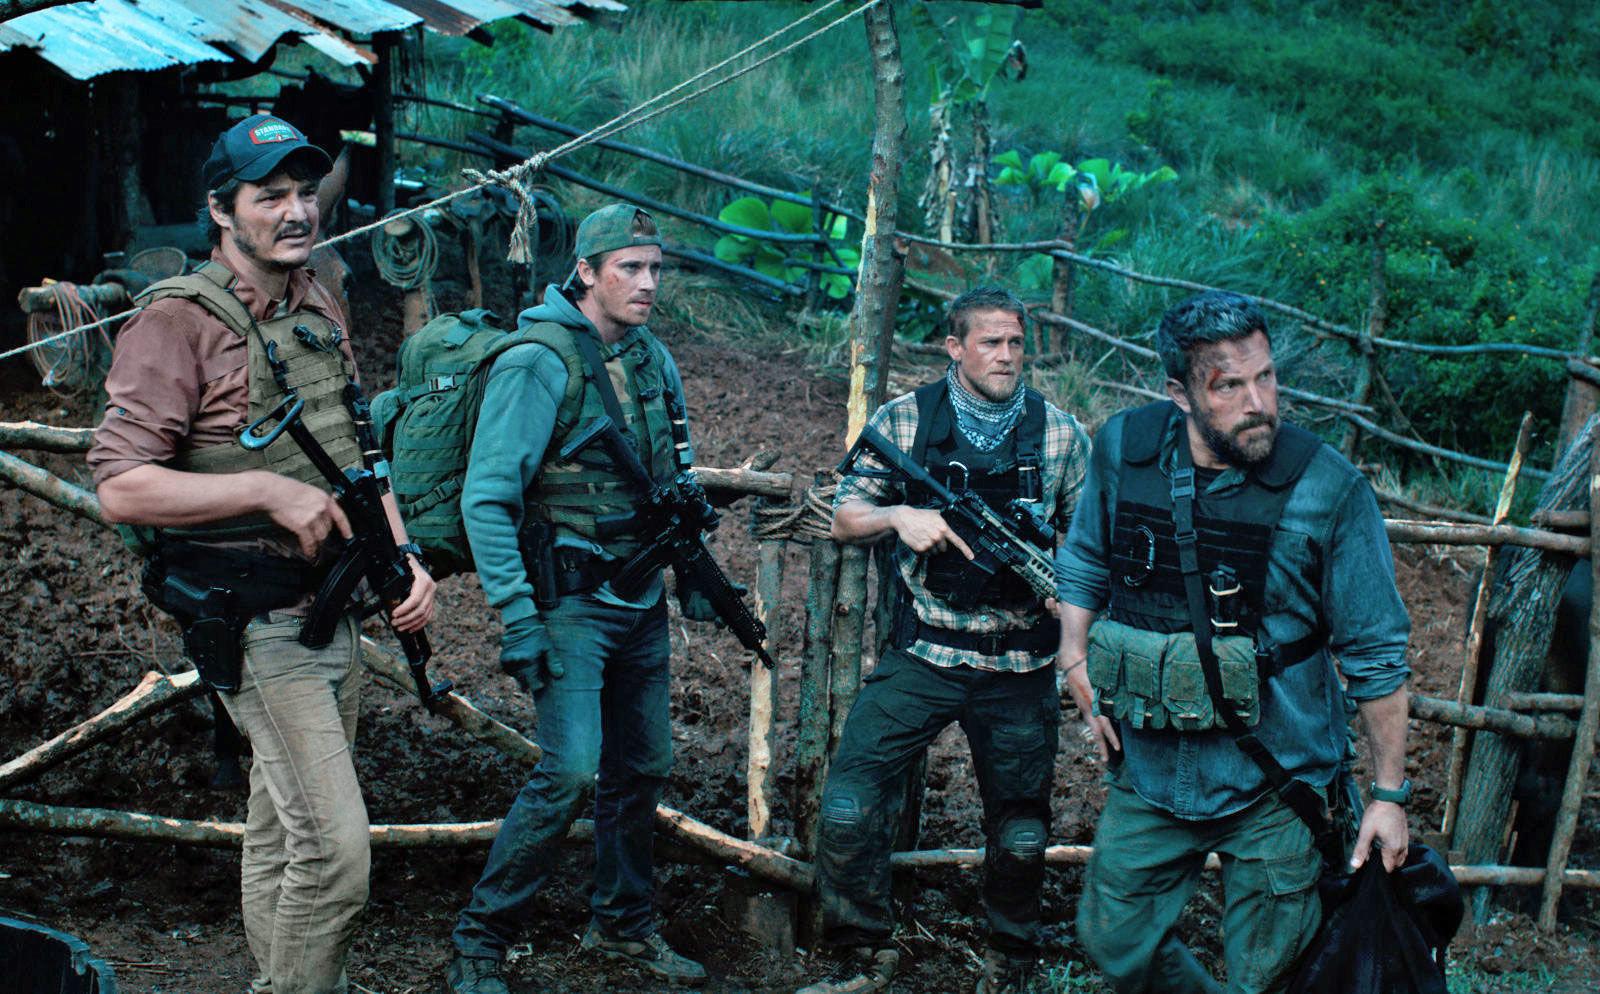 Oscar Isaac, Ben Affleck, Pedro Pascal und Garrett Hedlund im Dschungel in einem Szenenbild für Kritik Triple Frontier